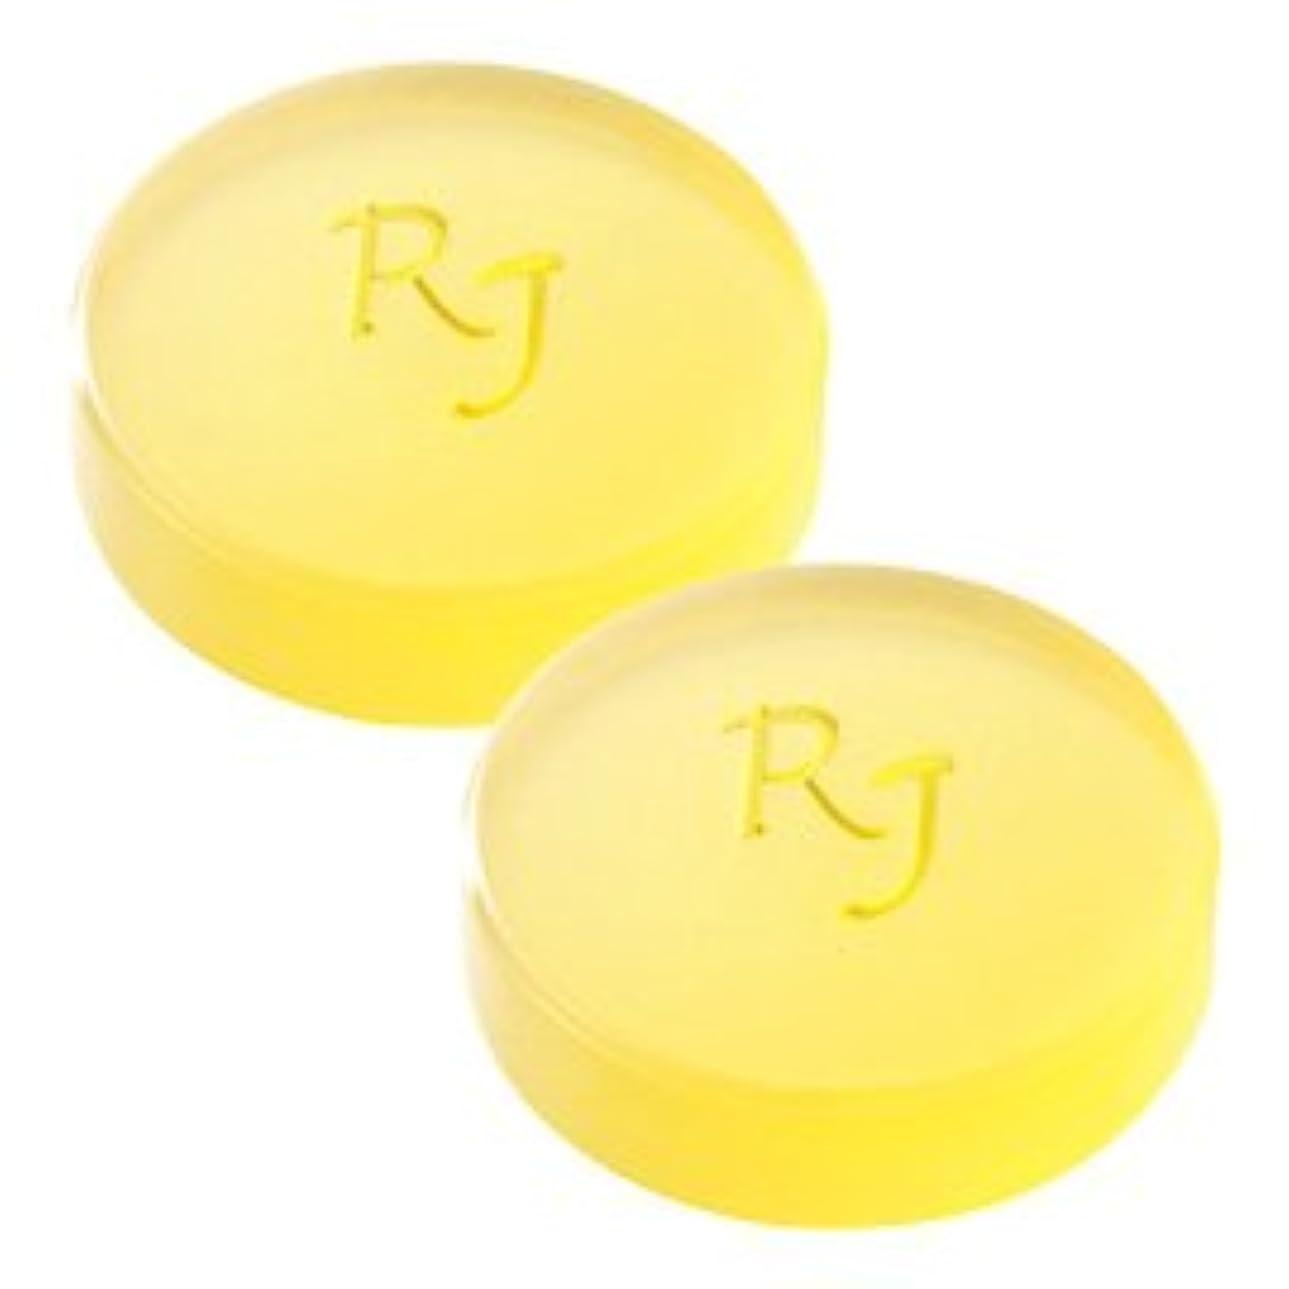 小康口乱れRJスキンケアソープ(洗顔石鹸) 60g×2個 / RJ Skin Care Soap <60g×2>